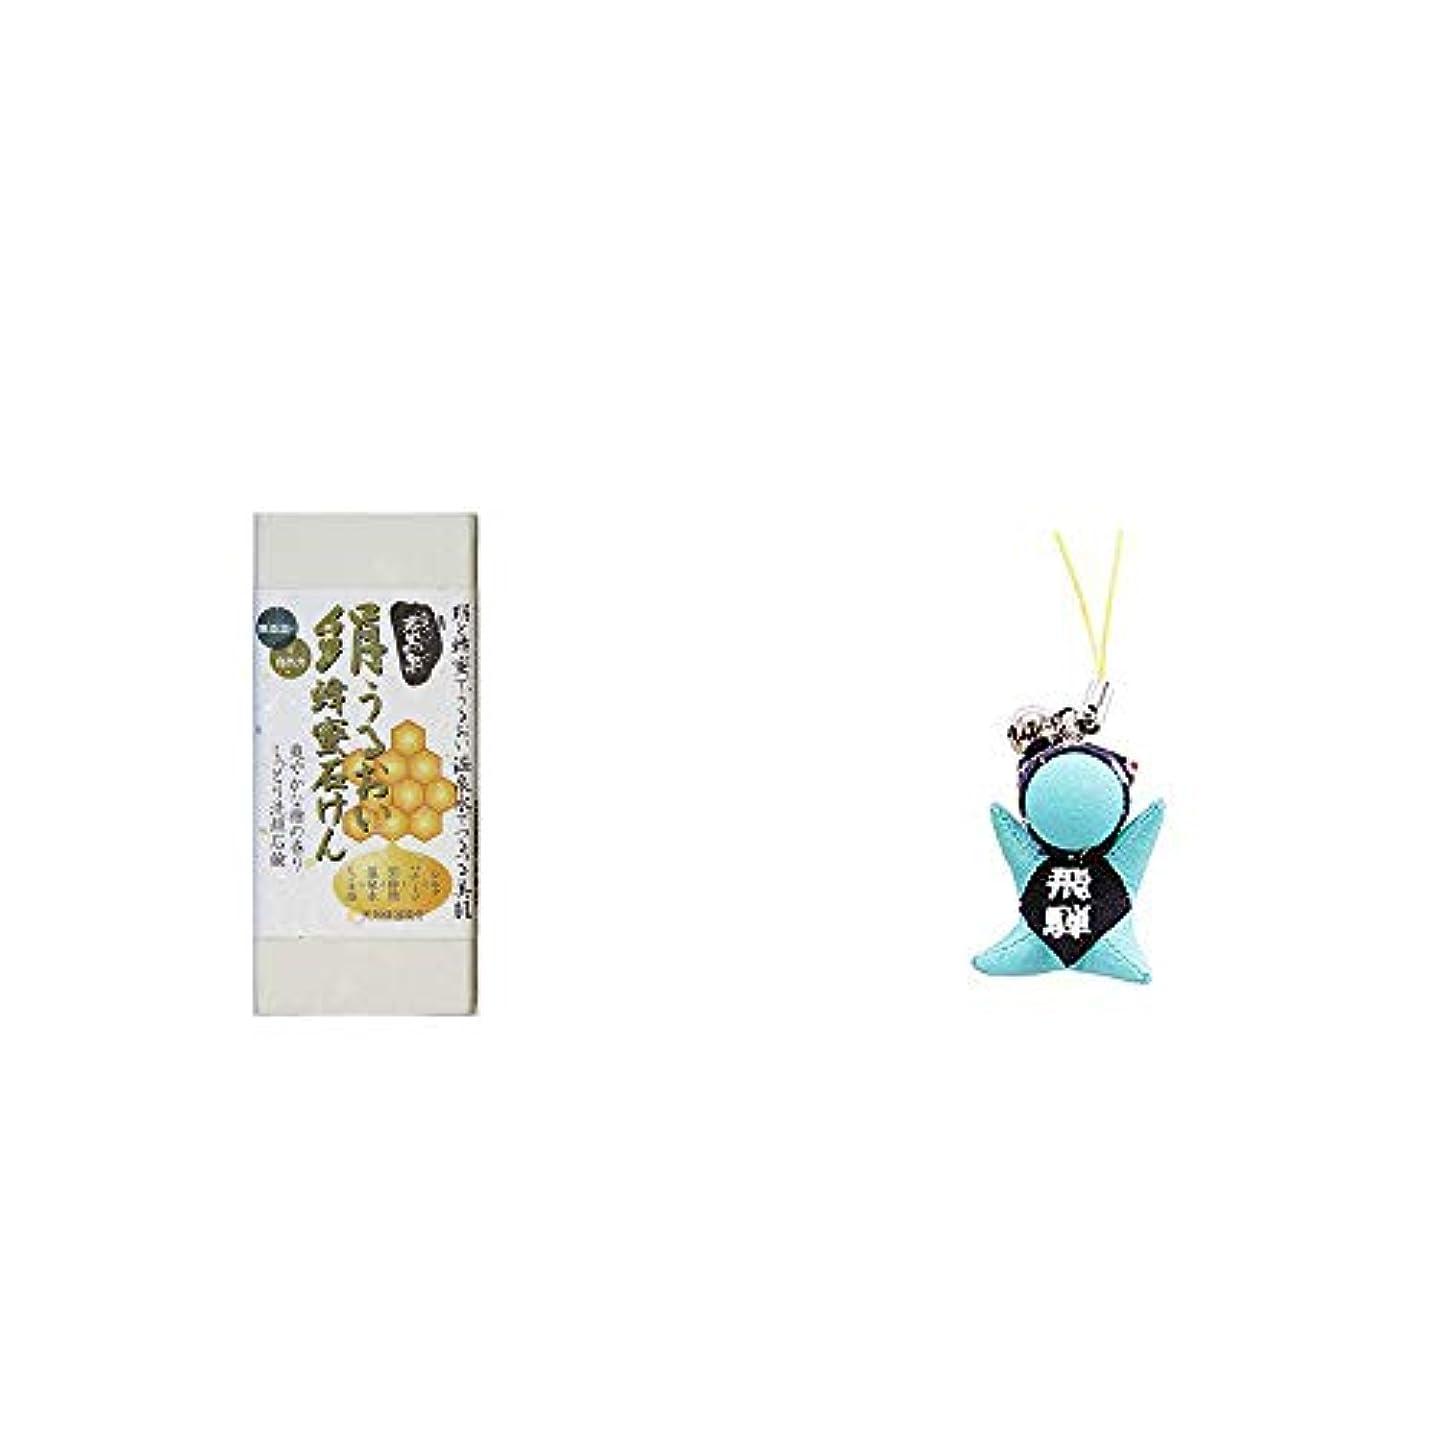 住人欠如ハンディキャップ[2点セット] ひのき炭黒泉 絹うるおい蜂蜜石けん(75g×2)?さるぼぼ幸福ストラップ 【青】 / 風水カラー全9種類 合格祈願?出世祈願 お守り//